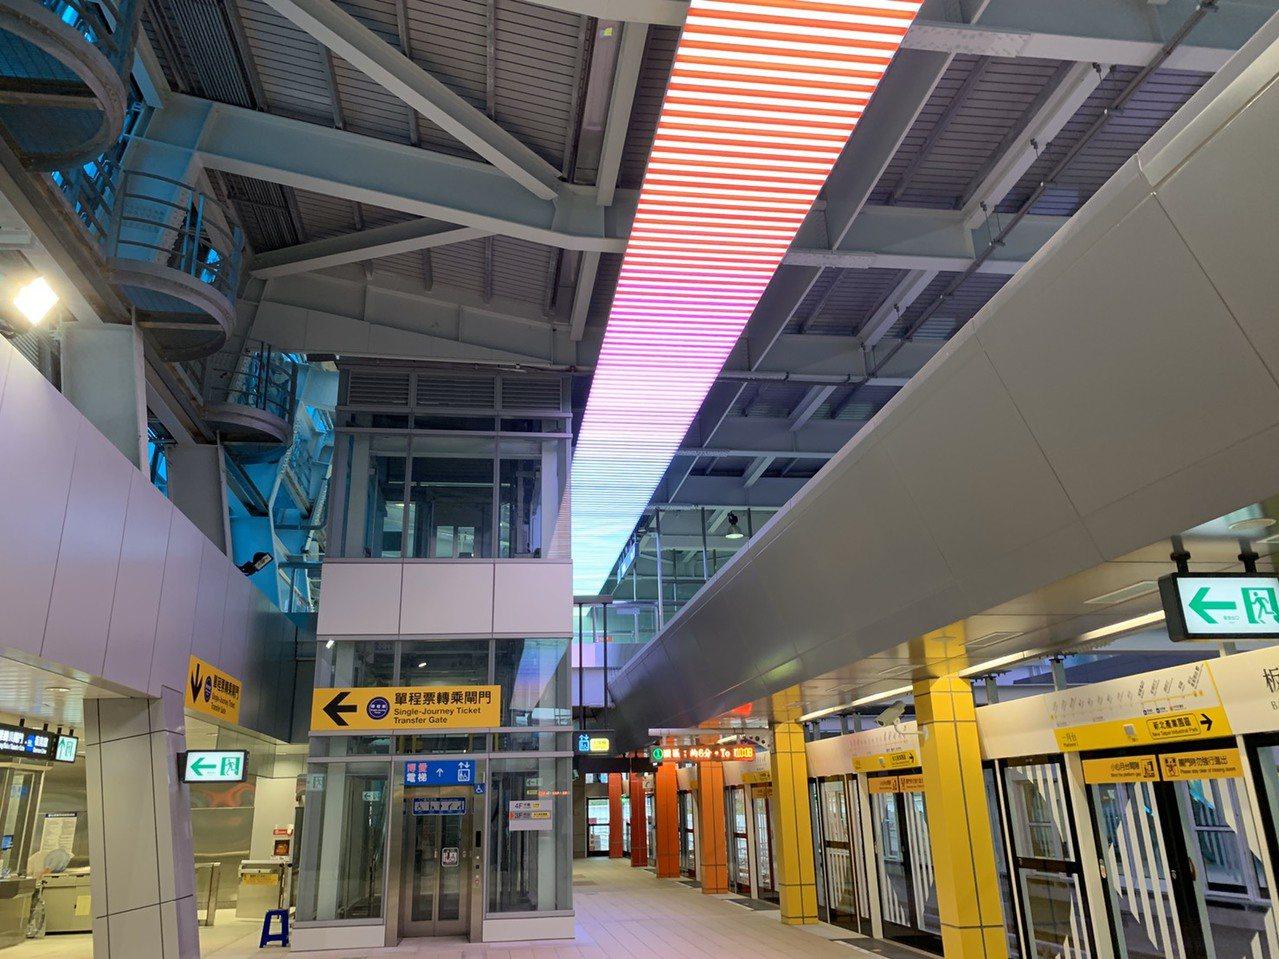 新北環狀線「板橋站」今天站內公共藝術曝光。記者張曼蘋/攝影